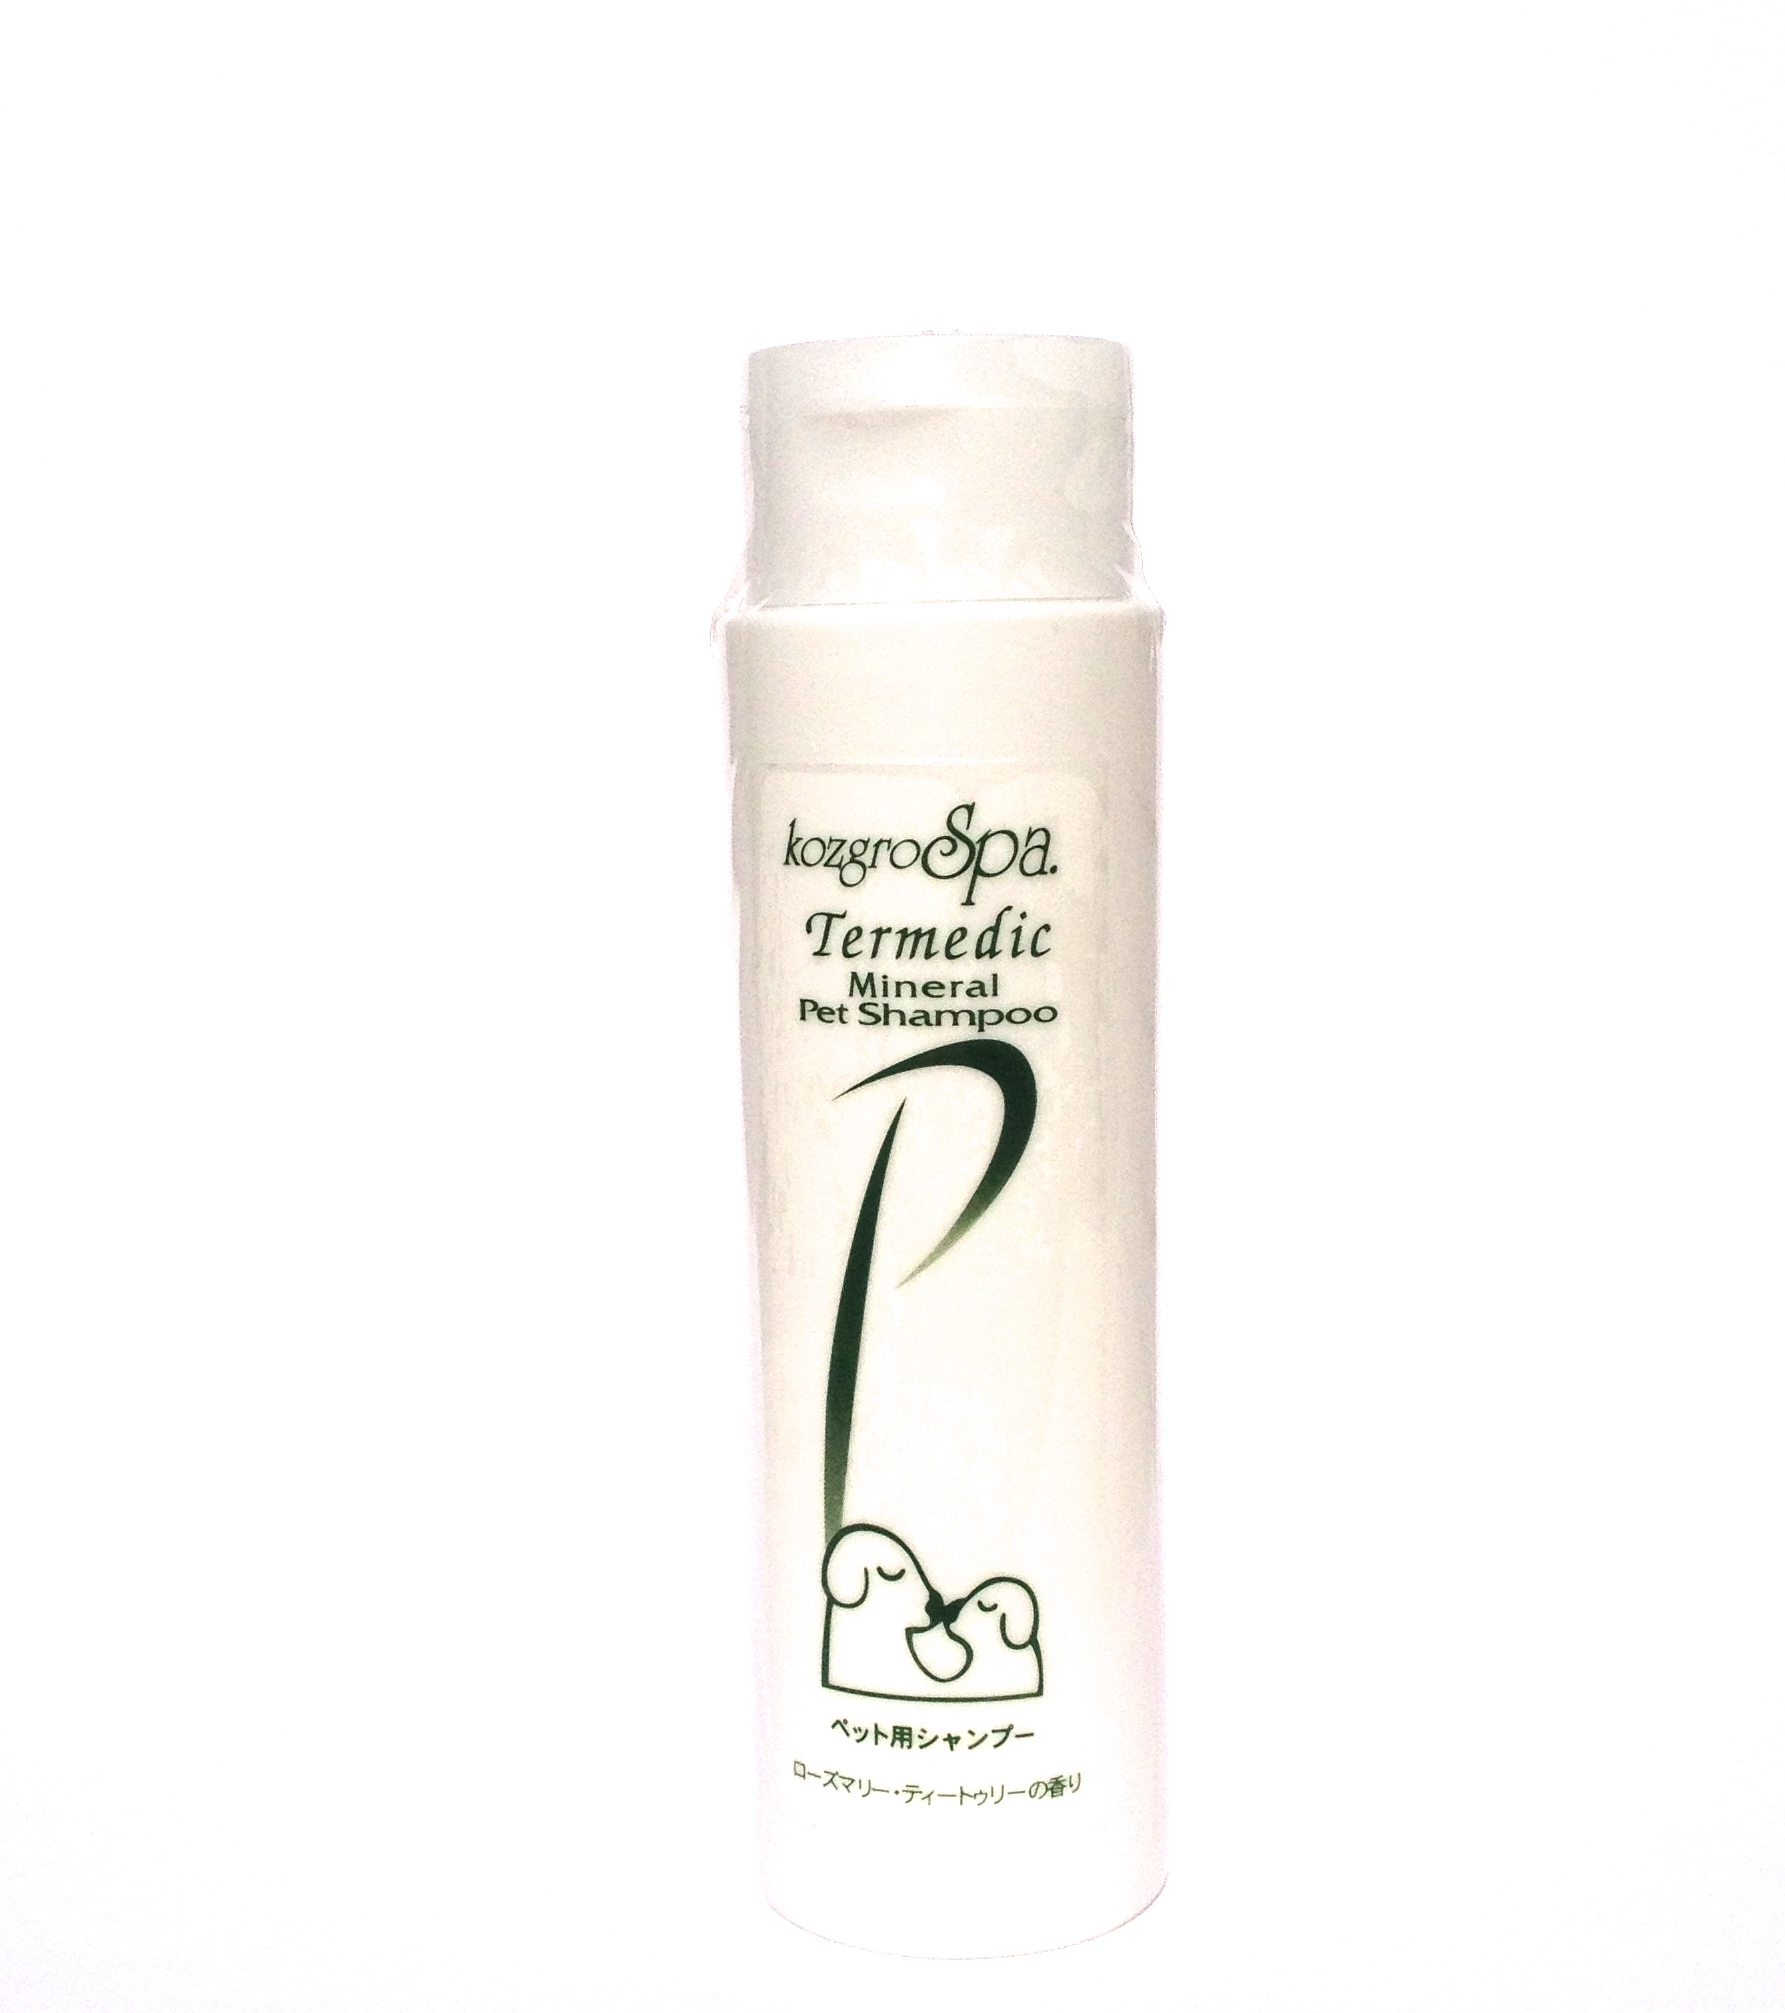 kozgro Spa Termedic Mineral Pet Shampoo  テルメディック ミネラル シャンプー_d0217958_11244320.jpg